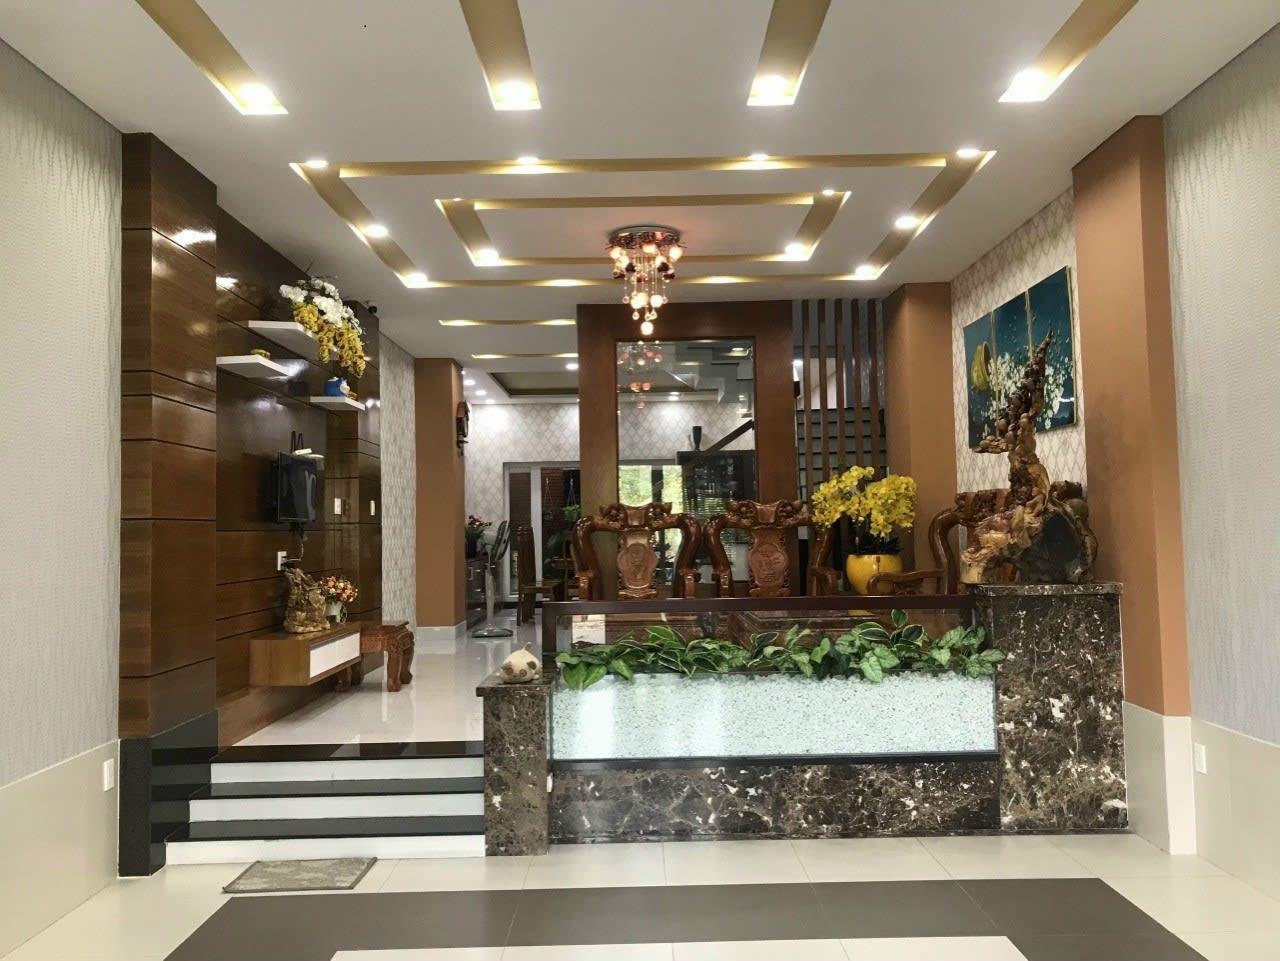 Bán Nhà Đường D7 Khu Tái Định Cư Phú Mỹ Quận 7, DT 5x18m 2 Lầu ST – Giá 11 tỷ